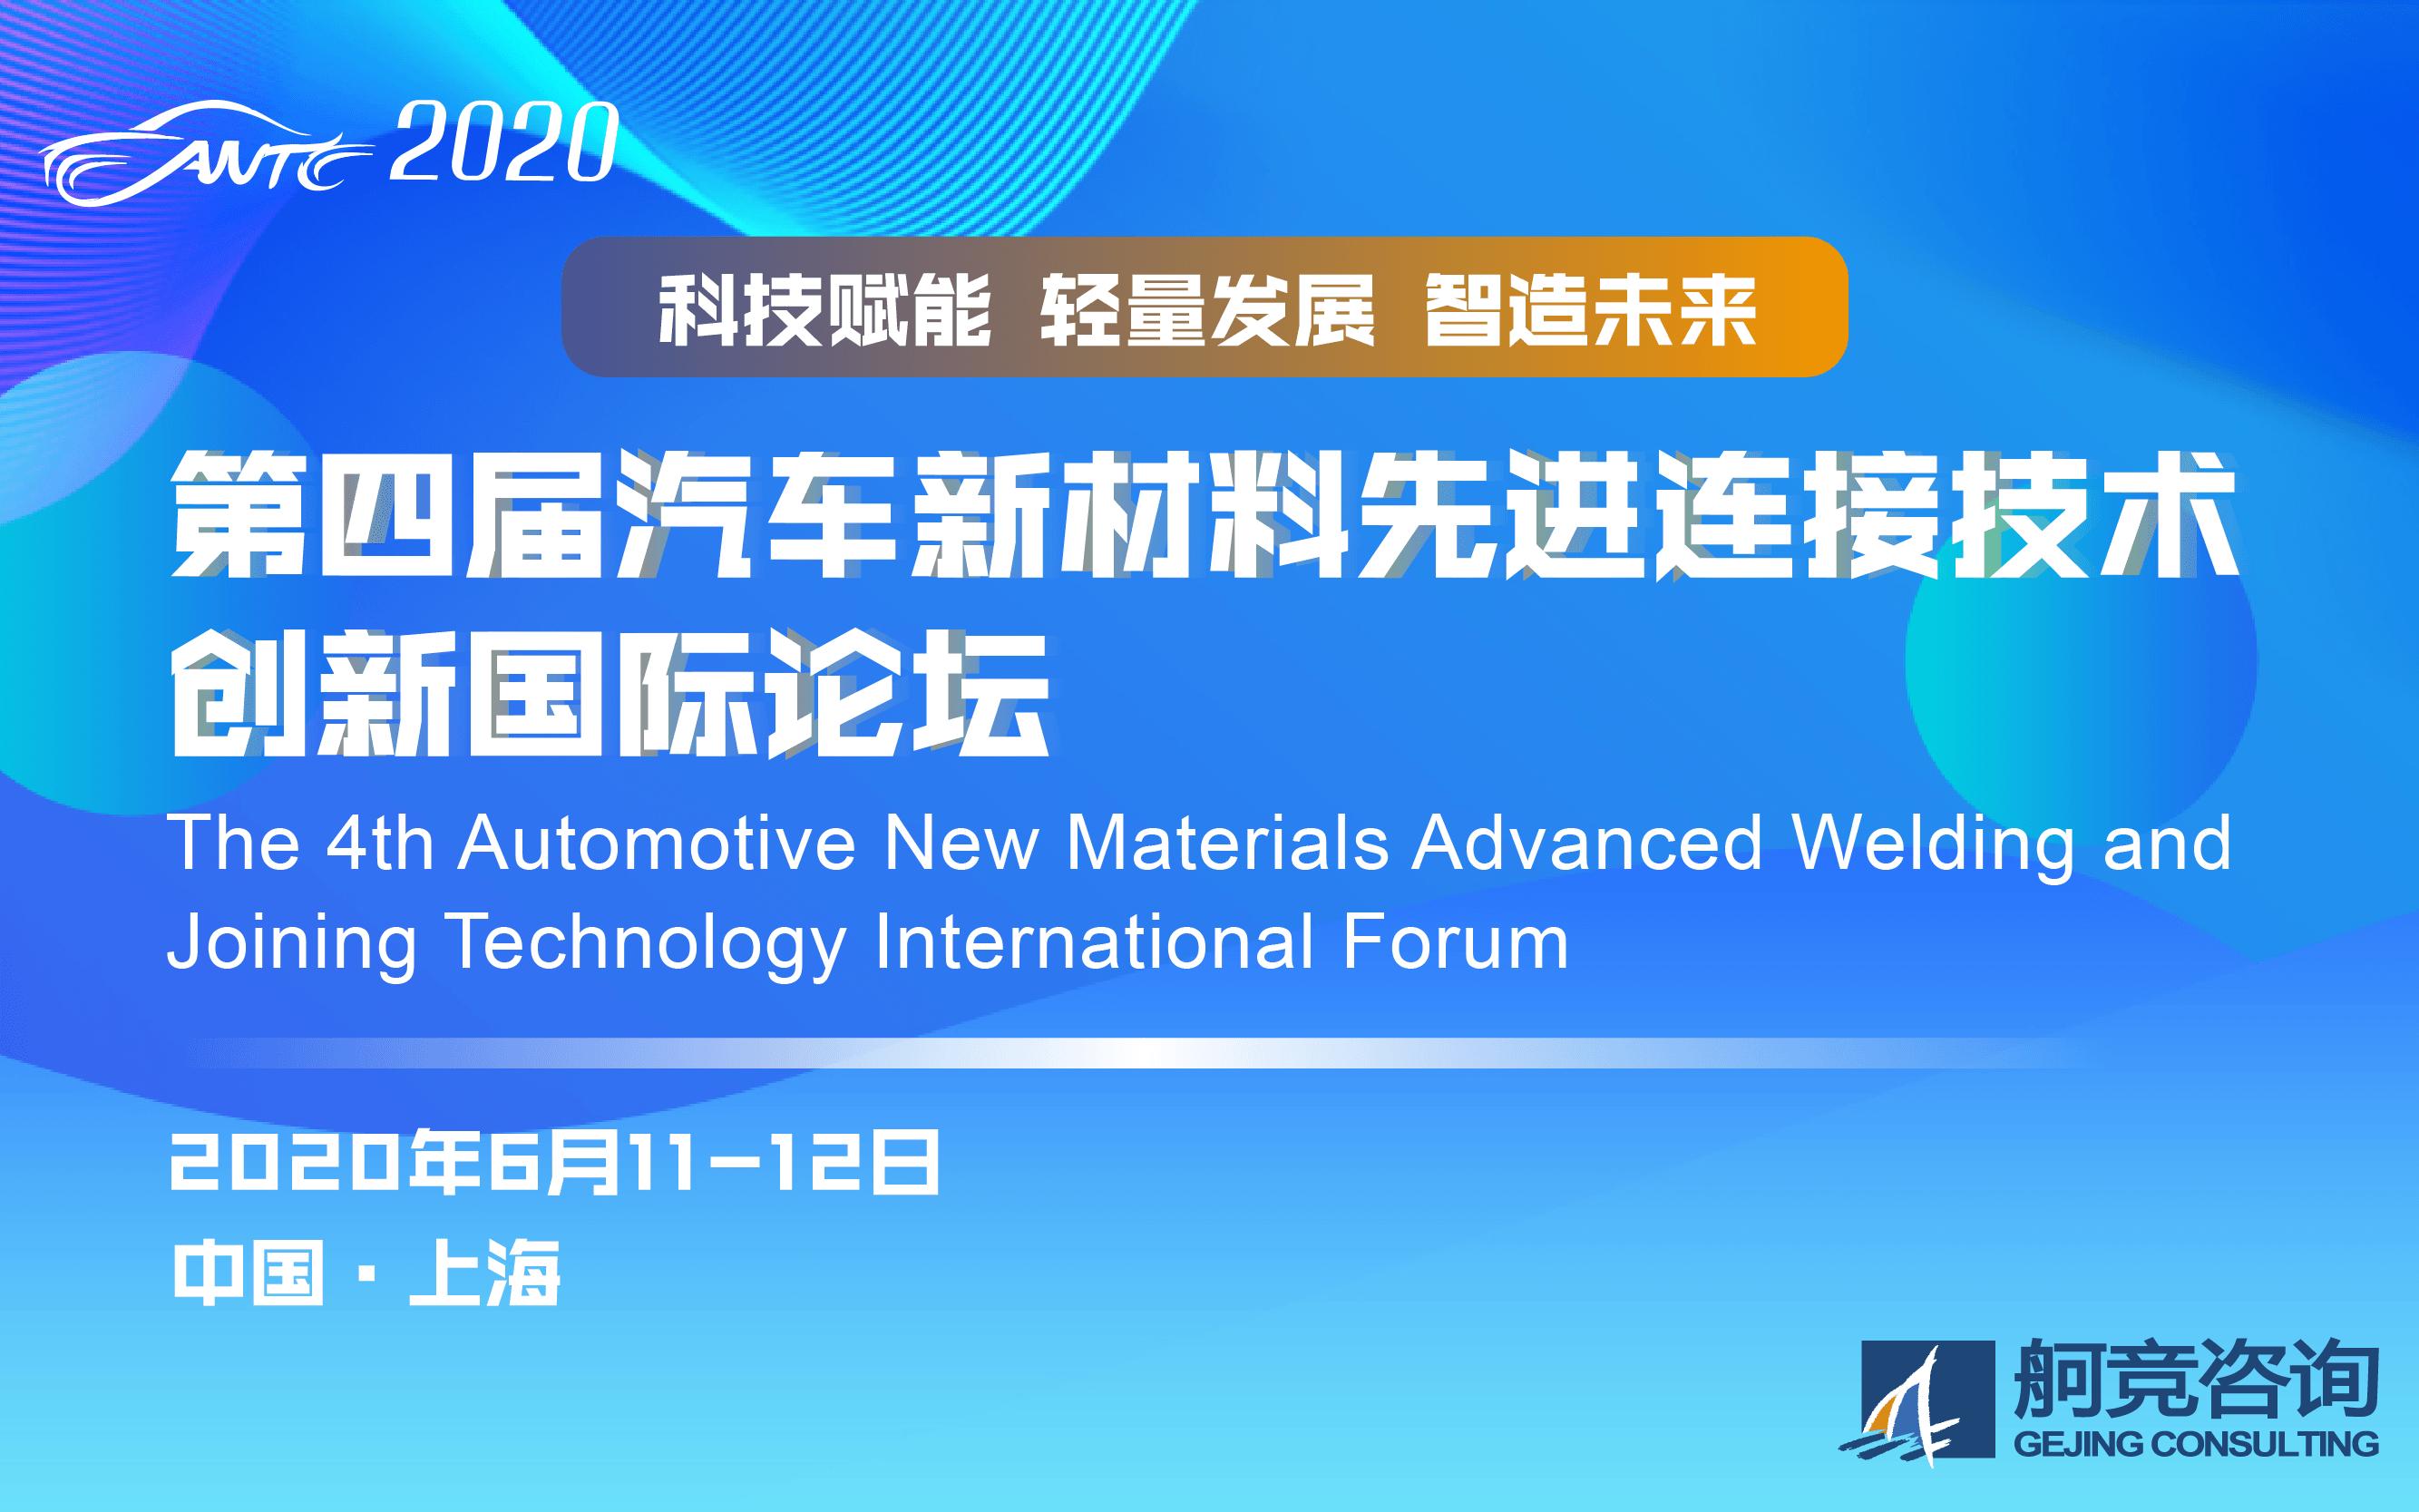 2020第四屆汽車新材料先進連接技術創新國際論壇(上海)